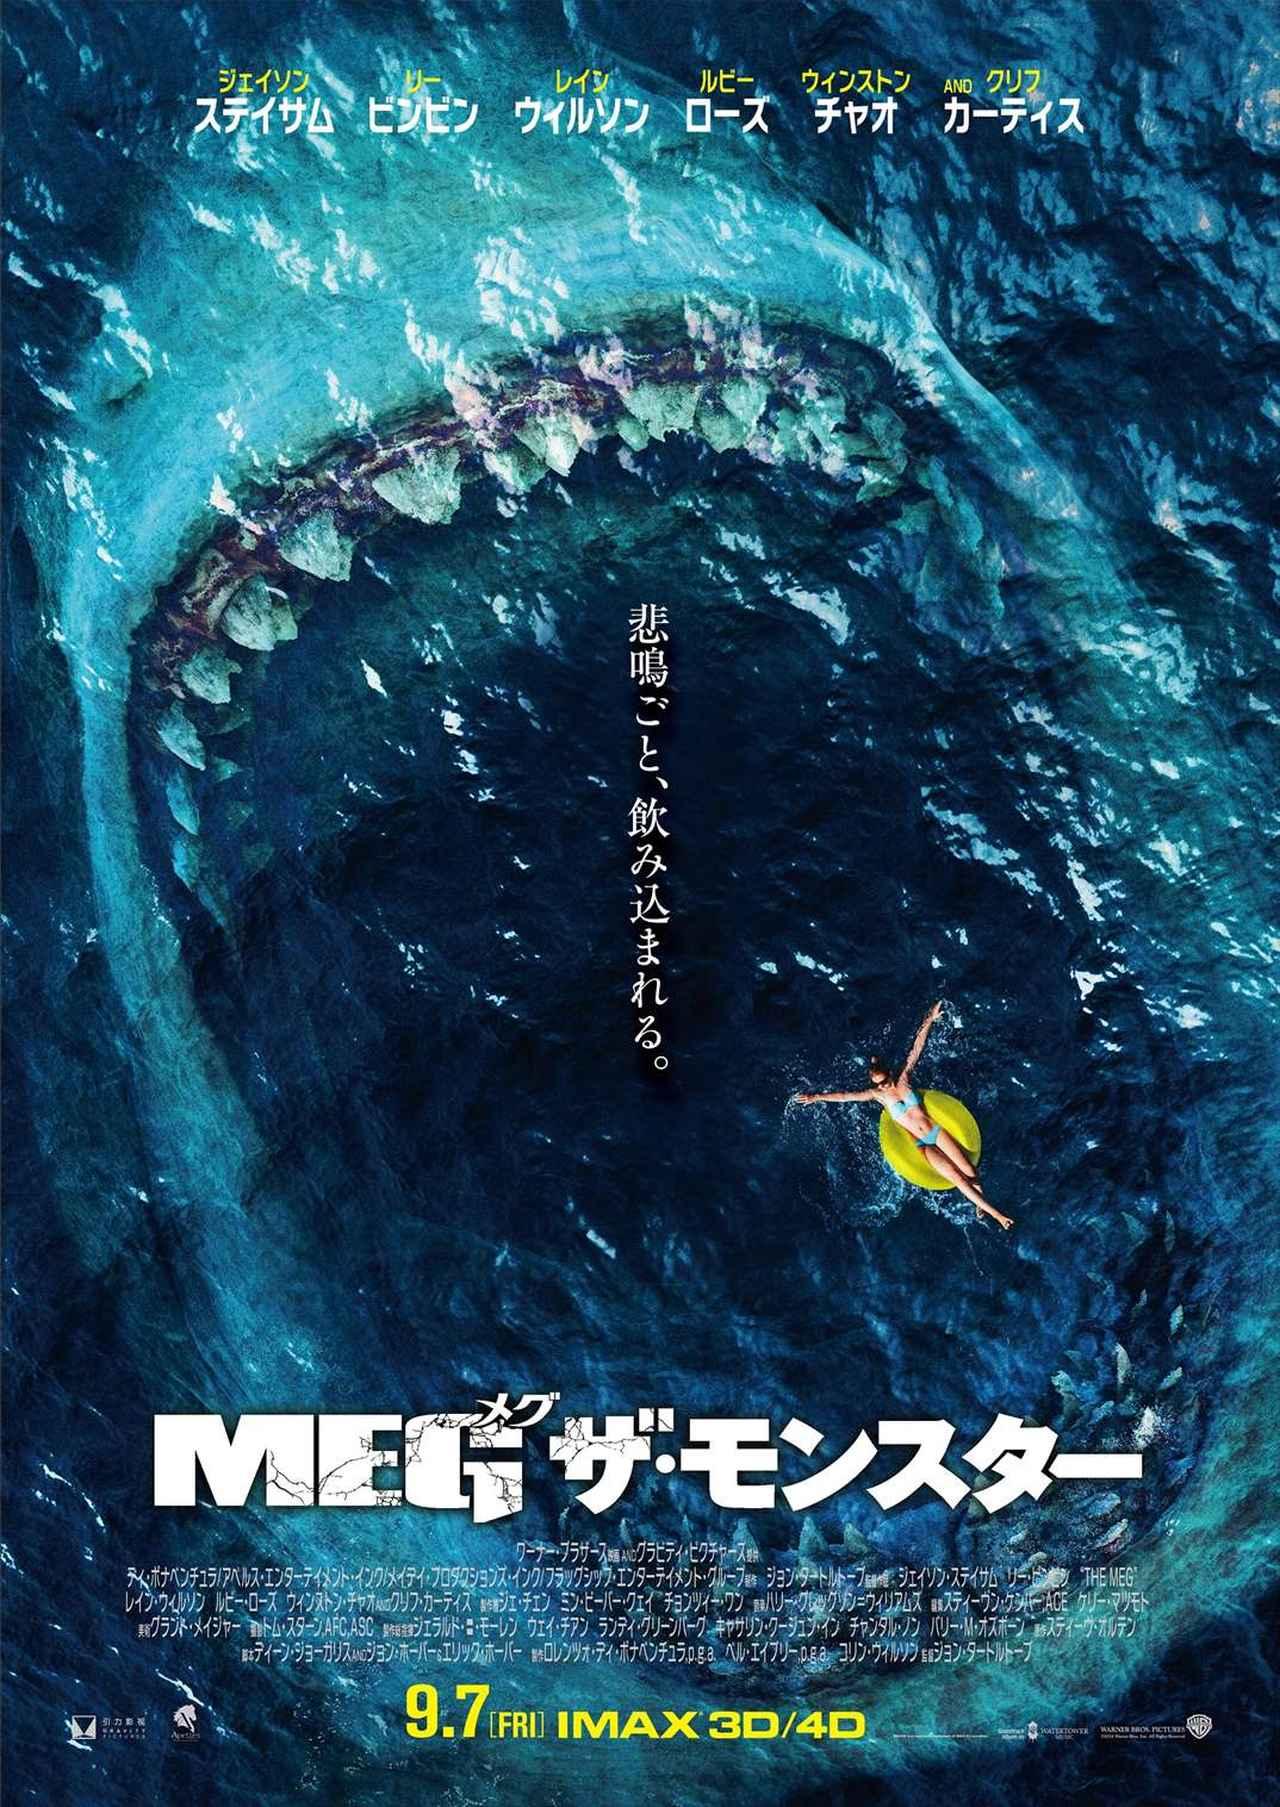 実在 メガロドン 最強の海洋恐竜『モササウルス』の全貌を徹底解説!強さや大きさ・絶滅理由など最強の古代生物の謎に迫る!